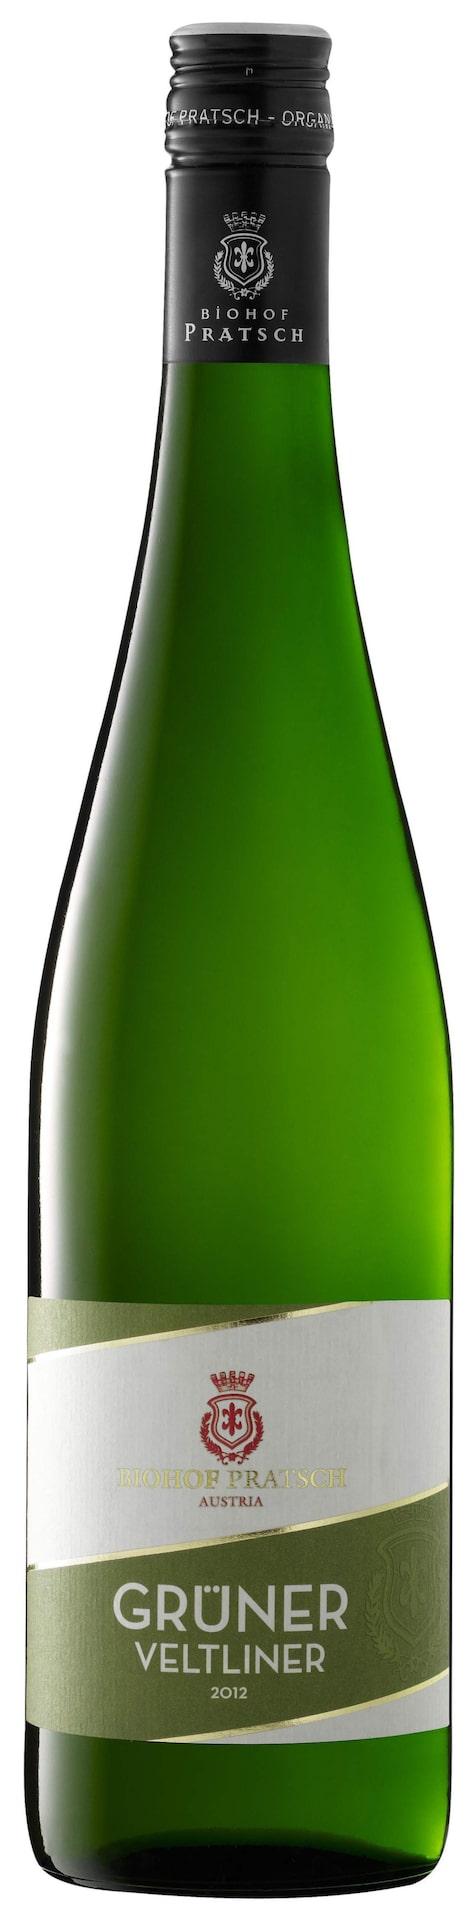 VittBiohof Pratsch Grüner Veltliner 2013 (2922) Österrike, 90 krUppfriskande med inslag av grape och päron och aningen kryddig. Passar exempelvis till frasig wienerschnitzel med pommes frites.